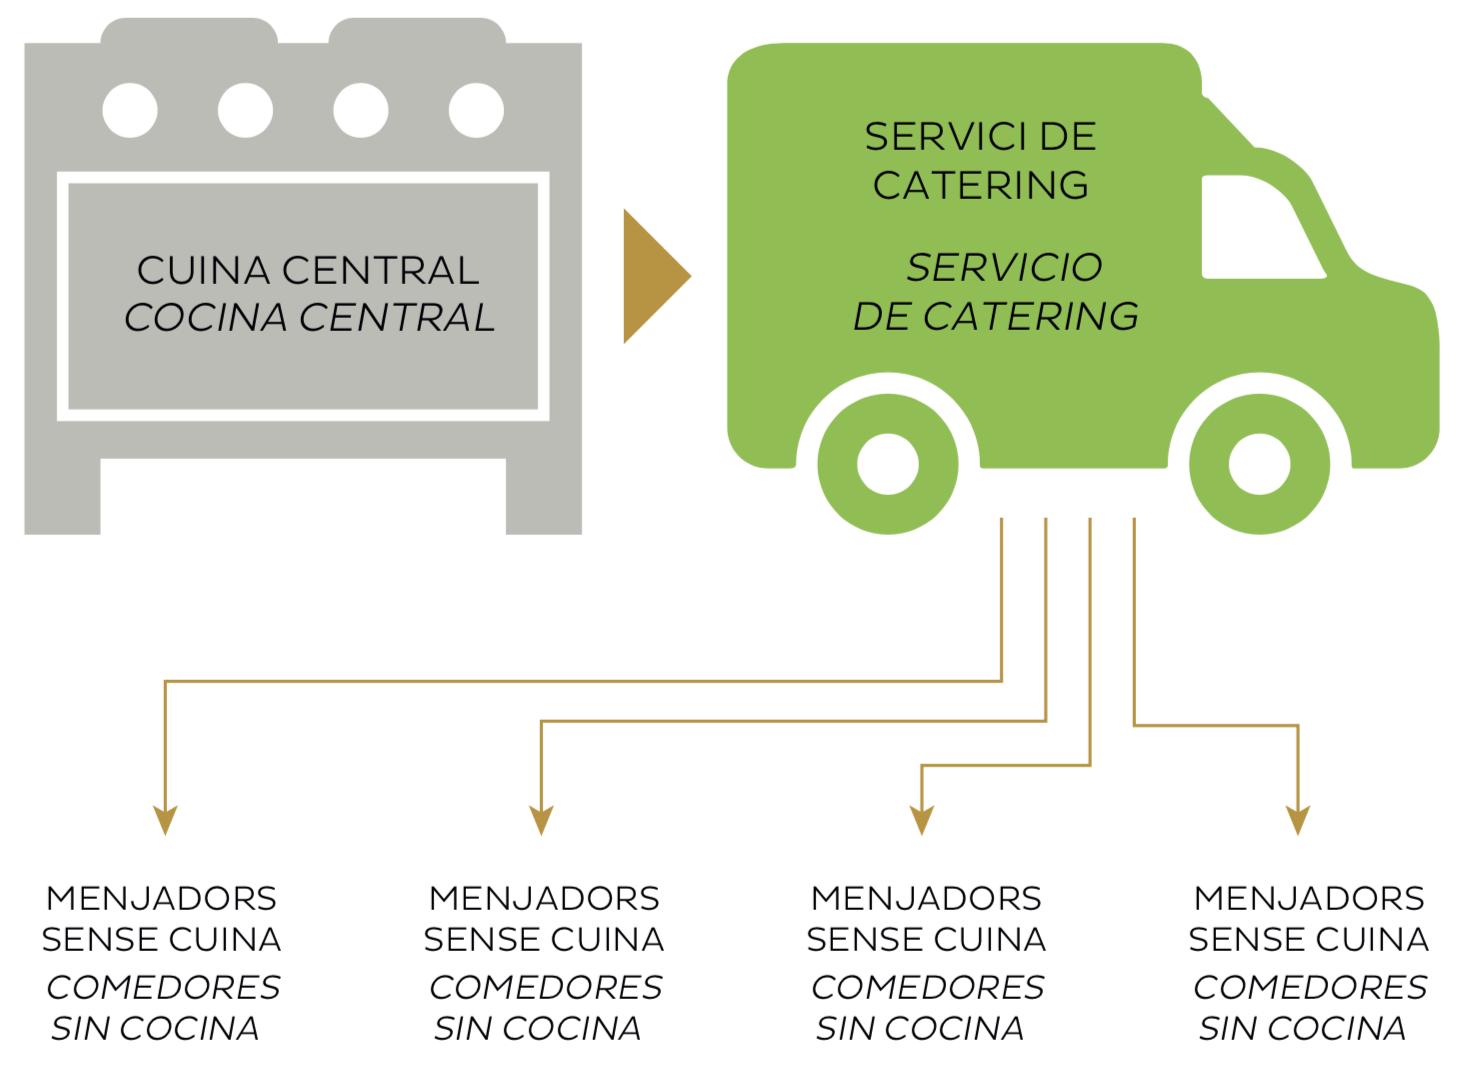 Colegios sin cocina -Col·legis sense cuina